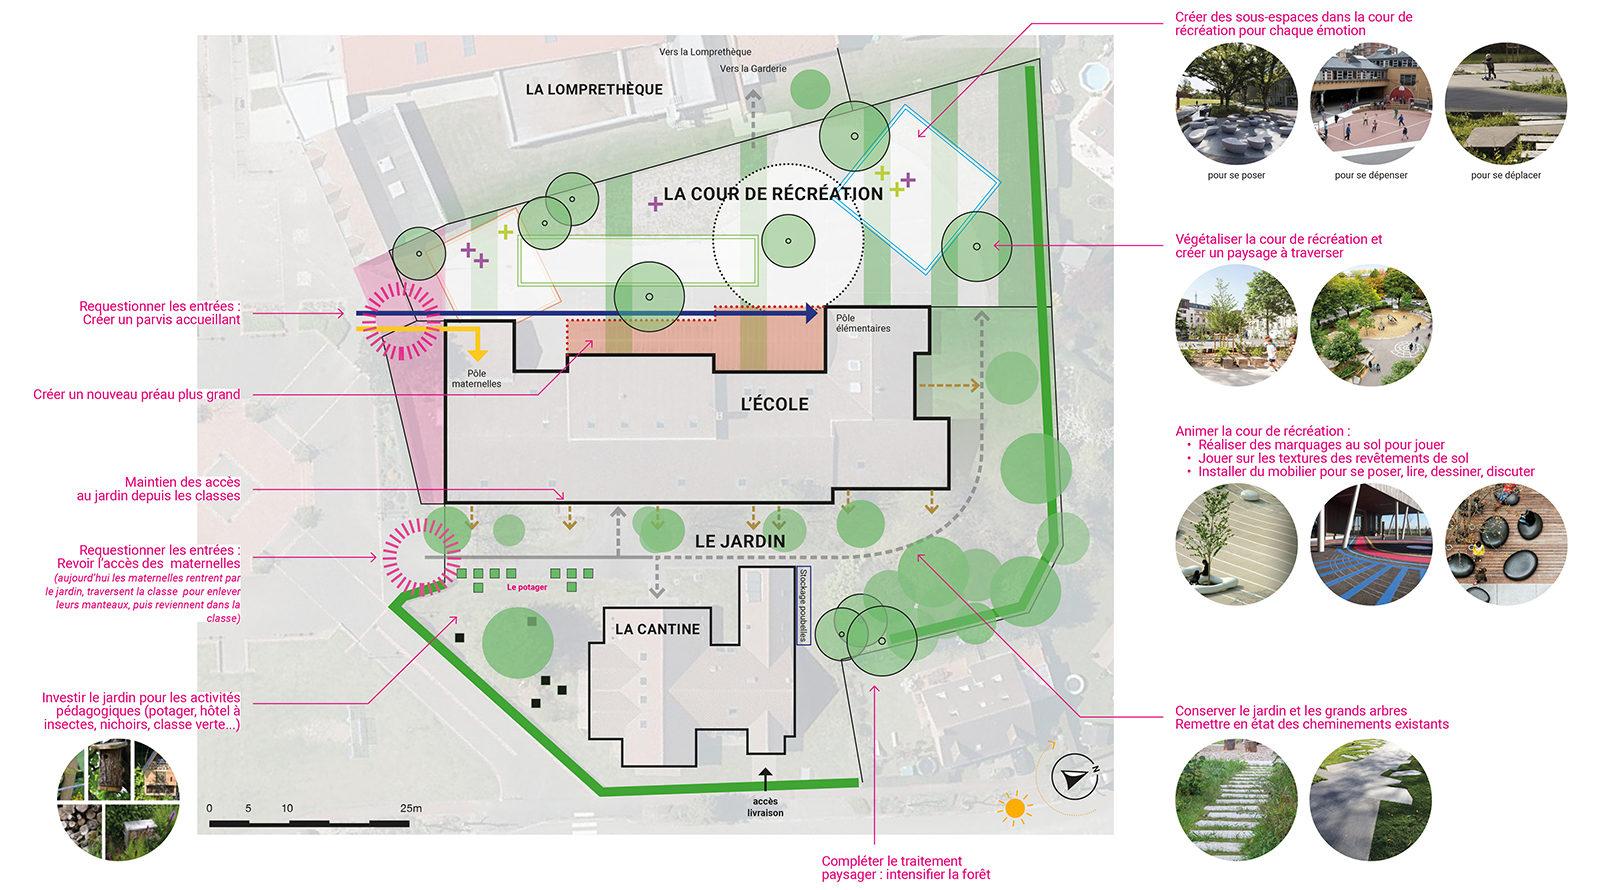 schéma orientation et aménagement de la cour de récréation EXTERIEUR atelier de paysage